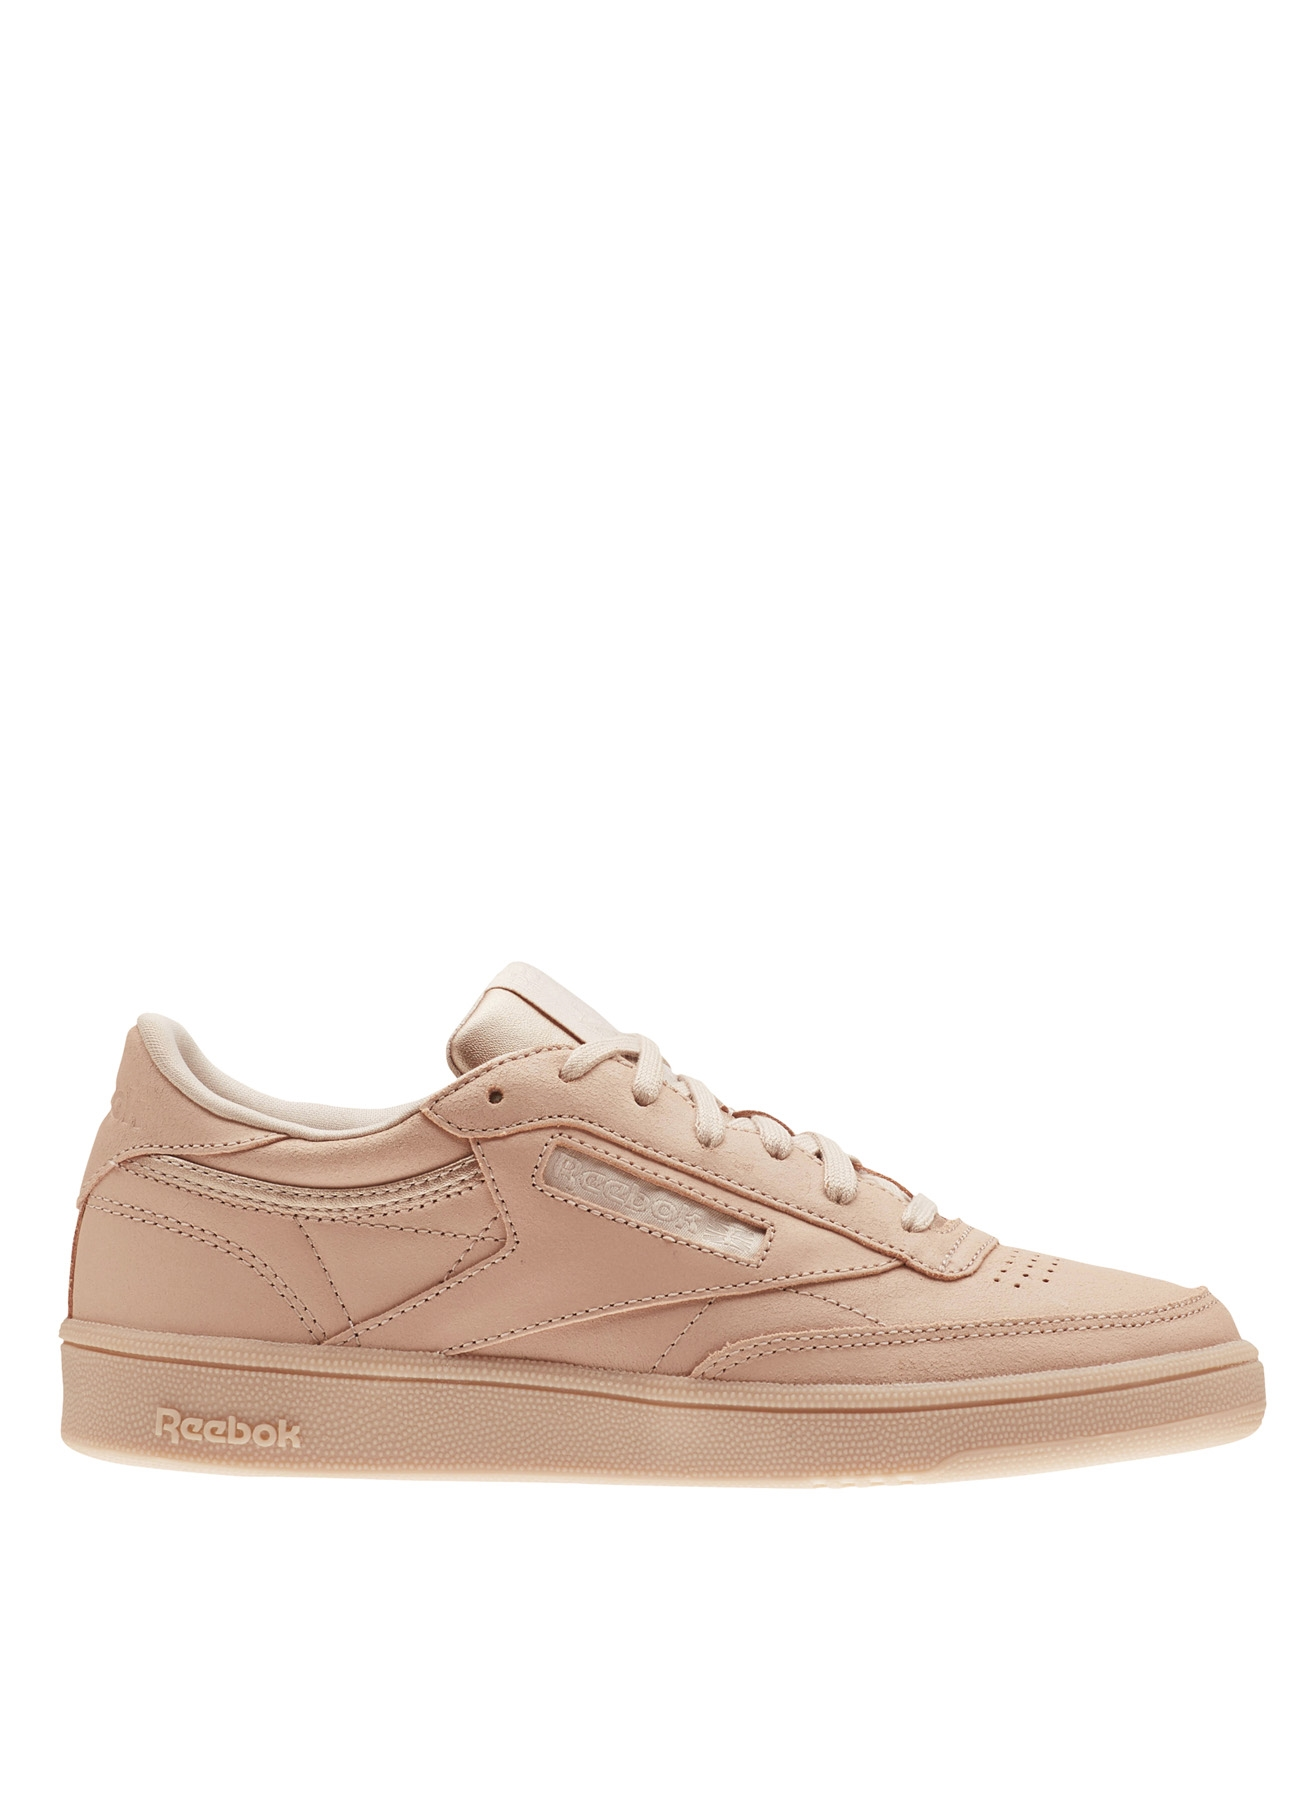 Reebok Club C 85 Lifestyle Ayakkabı 36 5001633273001 Ürün Resmi